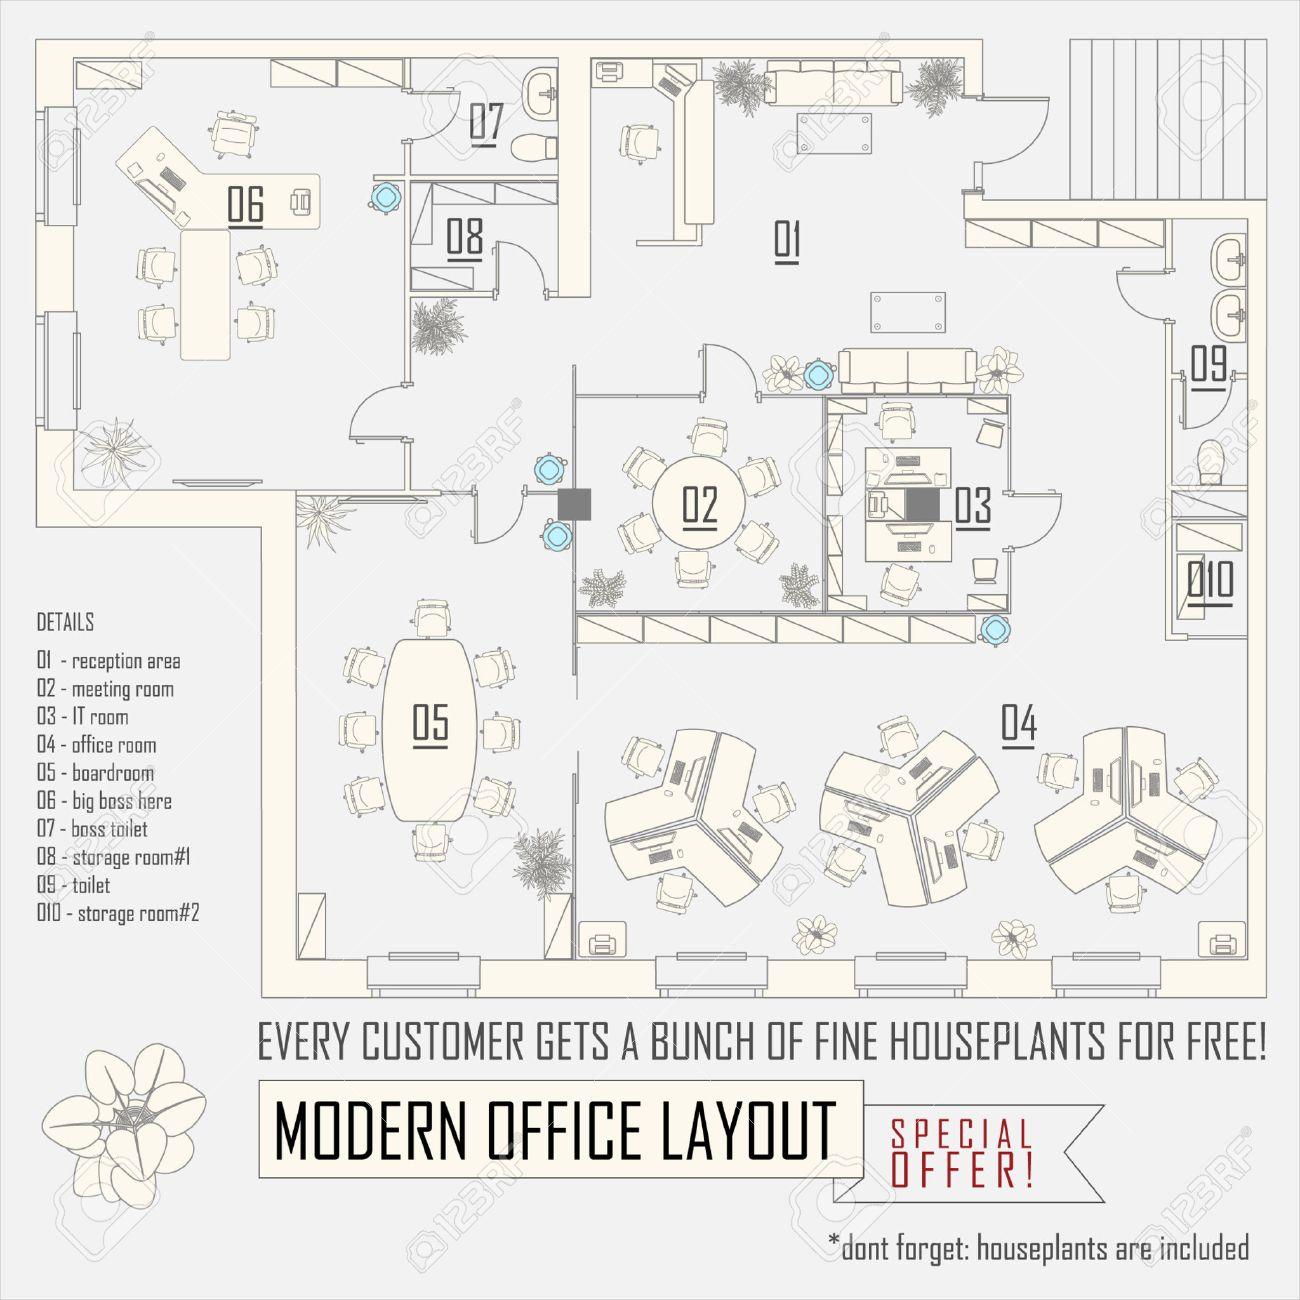 Oficinas Moderno Dise O Interior Vector Con Muebles Ilustraciones  # Muebles Dibujo Arquitectonico